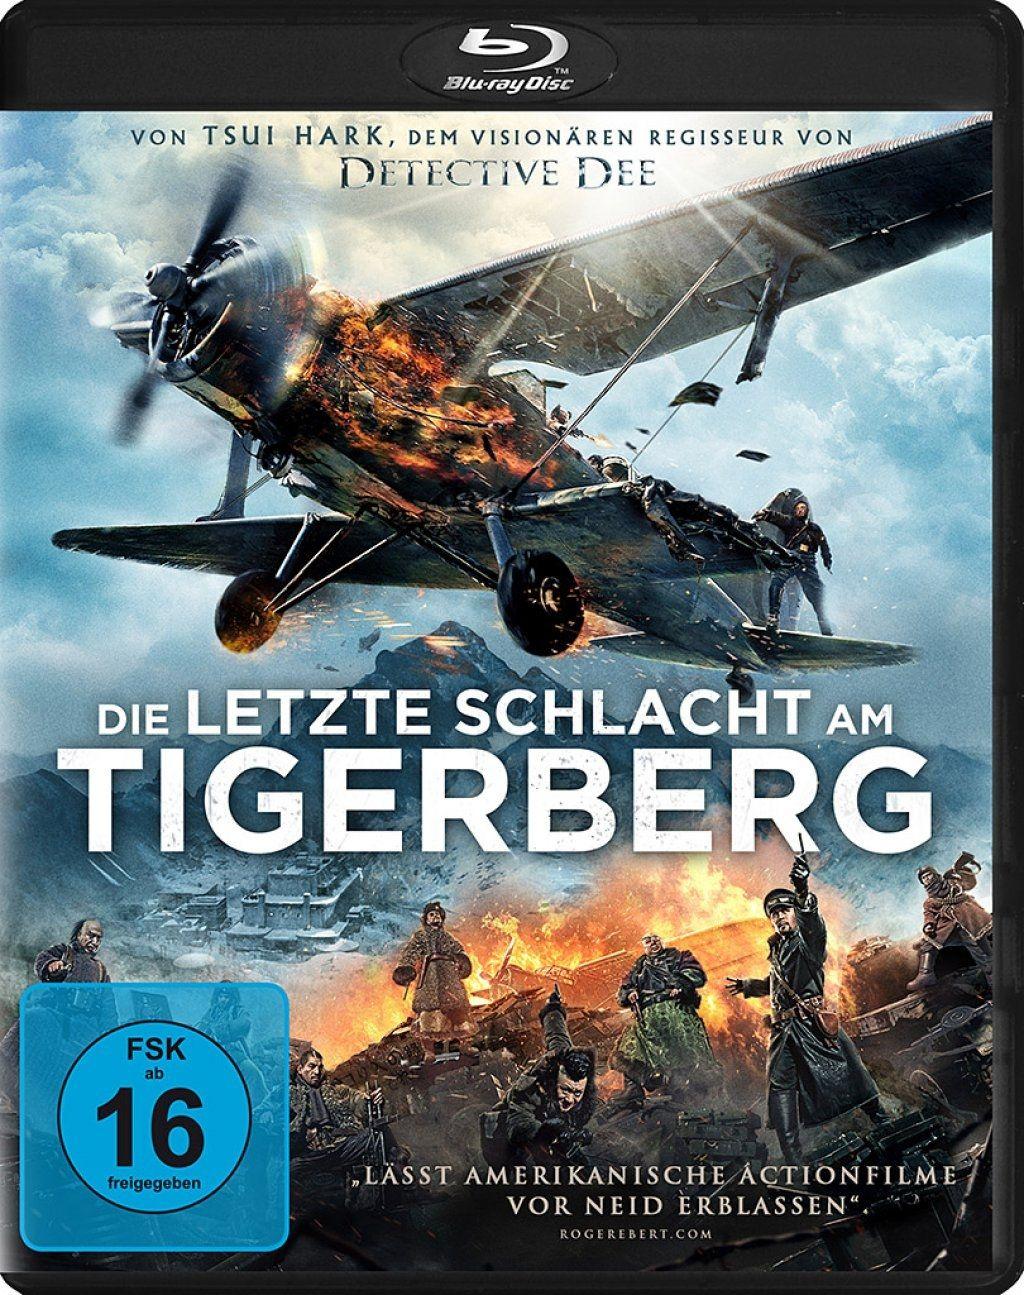 Letzte Schlacht am Tigerberg, Die (BLURAY)